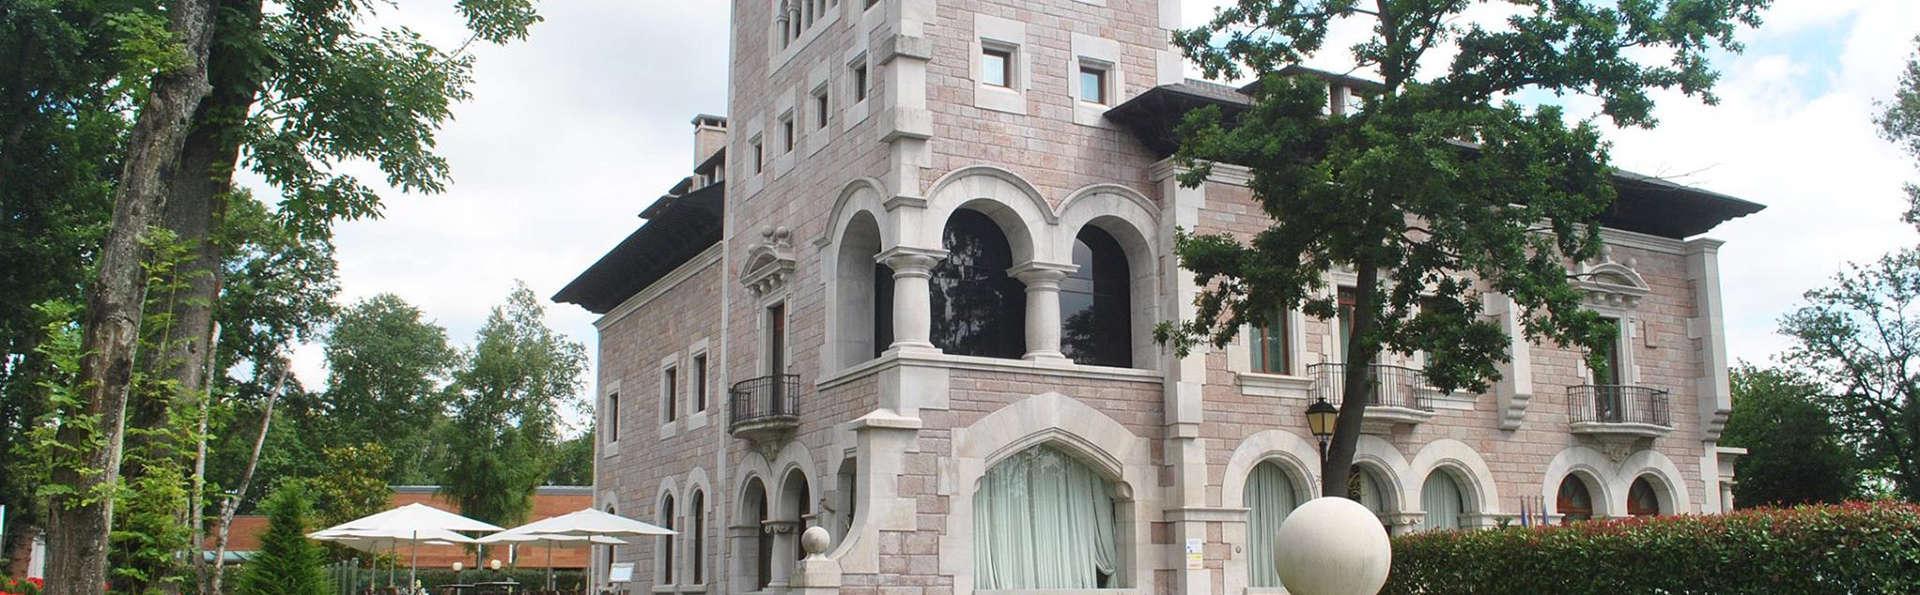 Escapada Relax con acceso al Spa en un antiguo palacete asturiano cerca de Oviedo